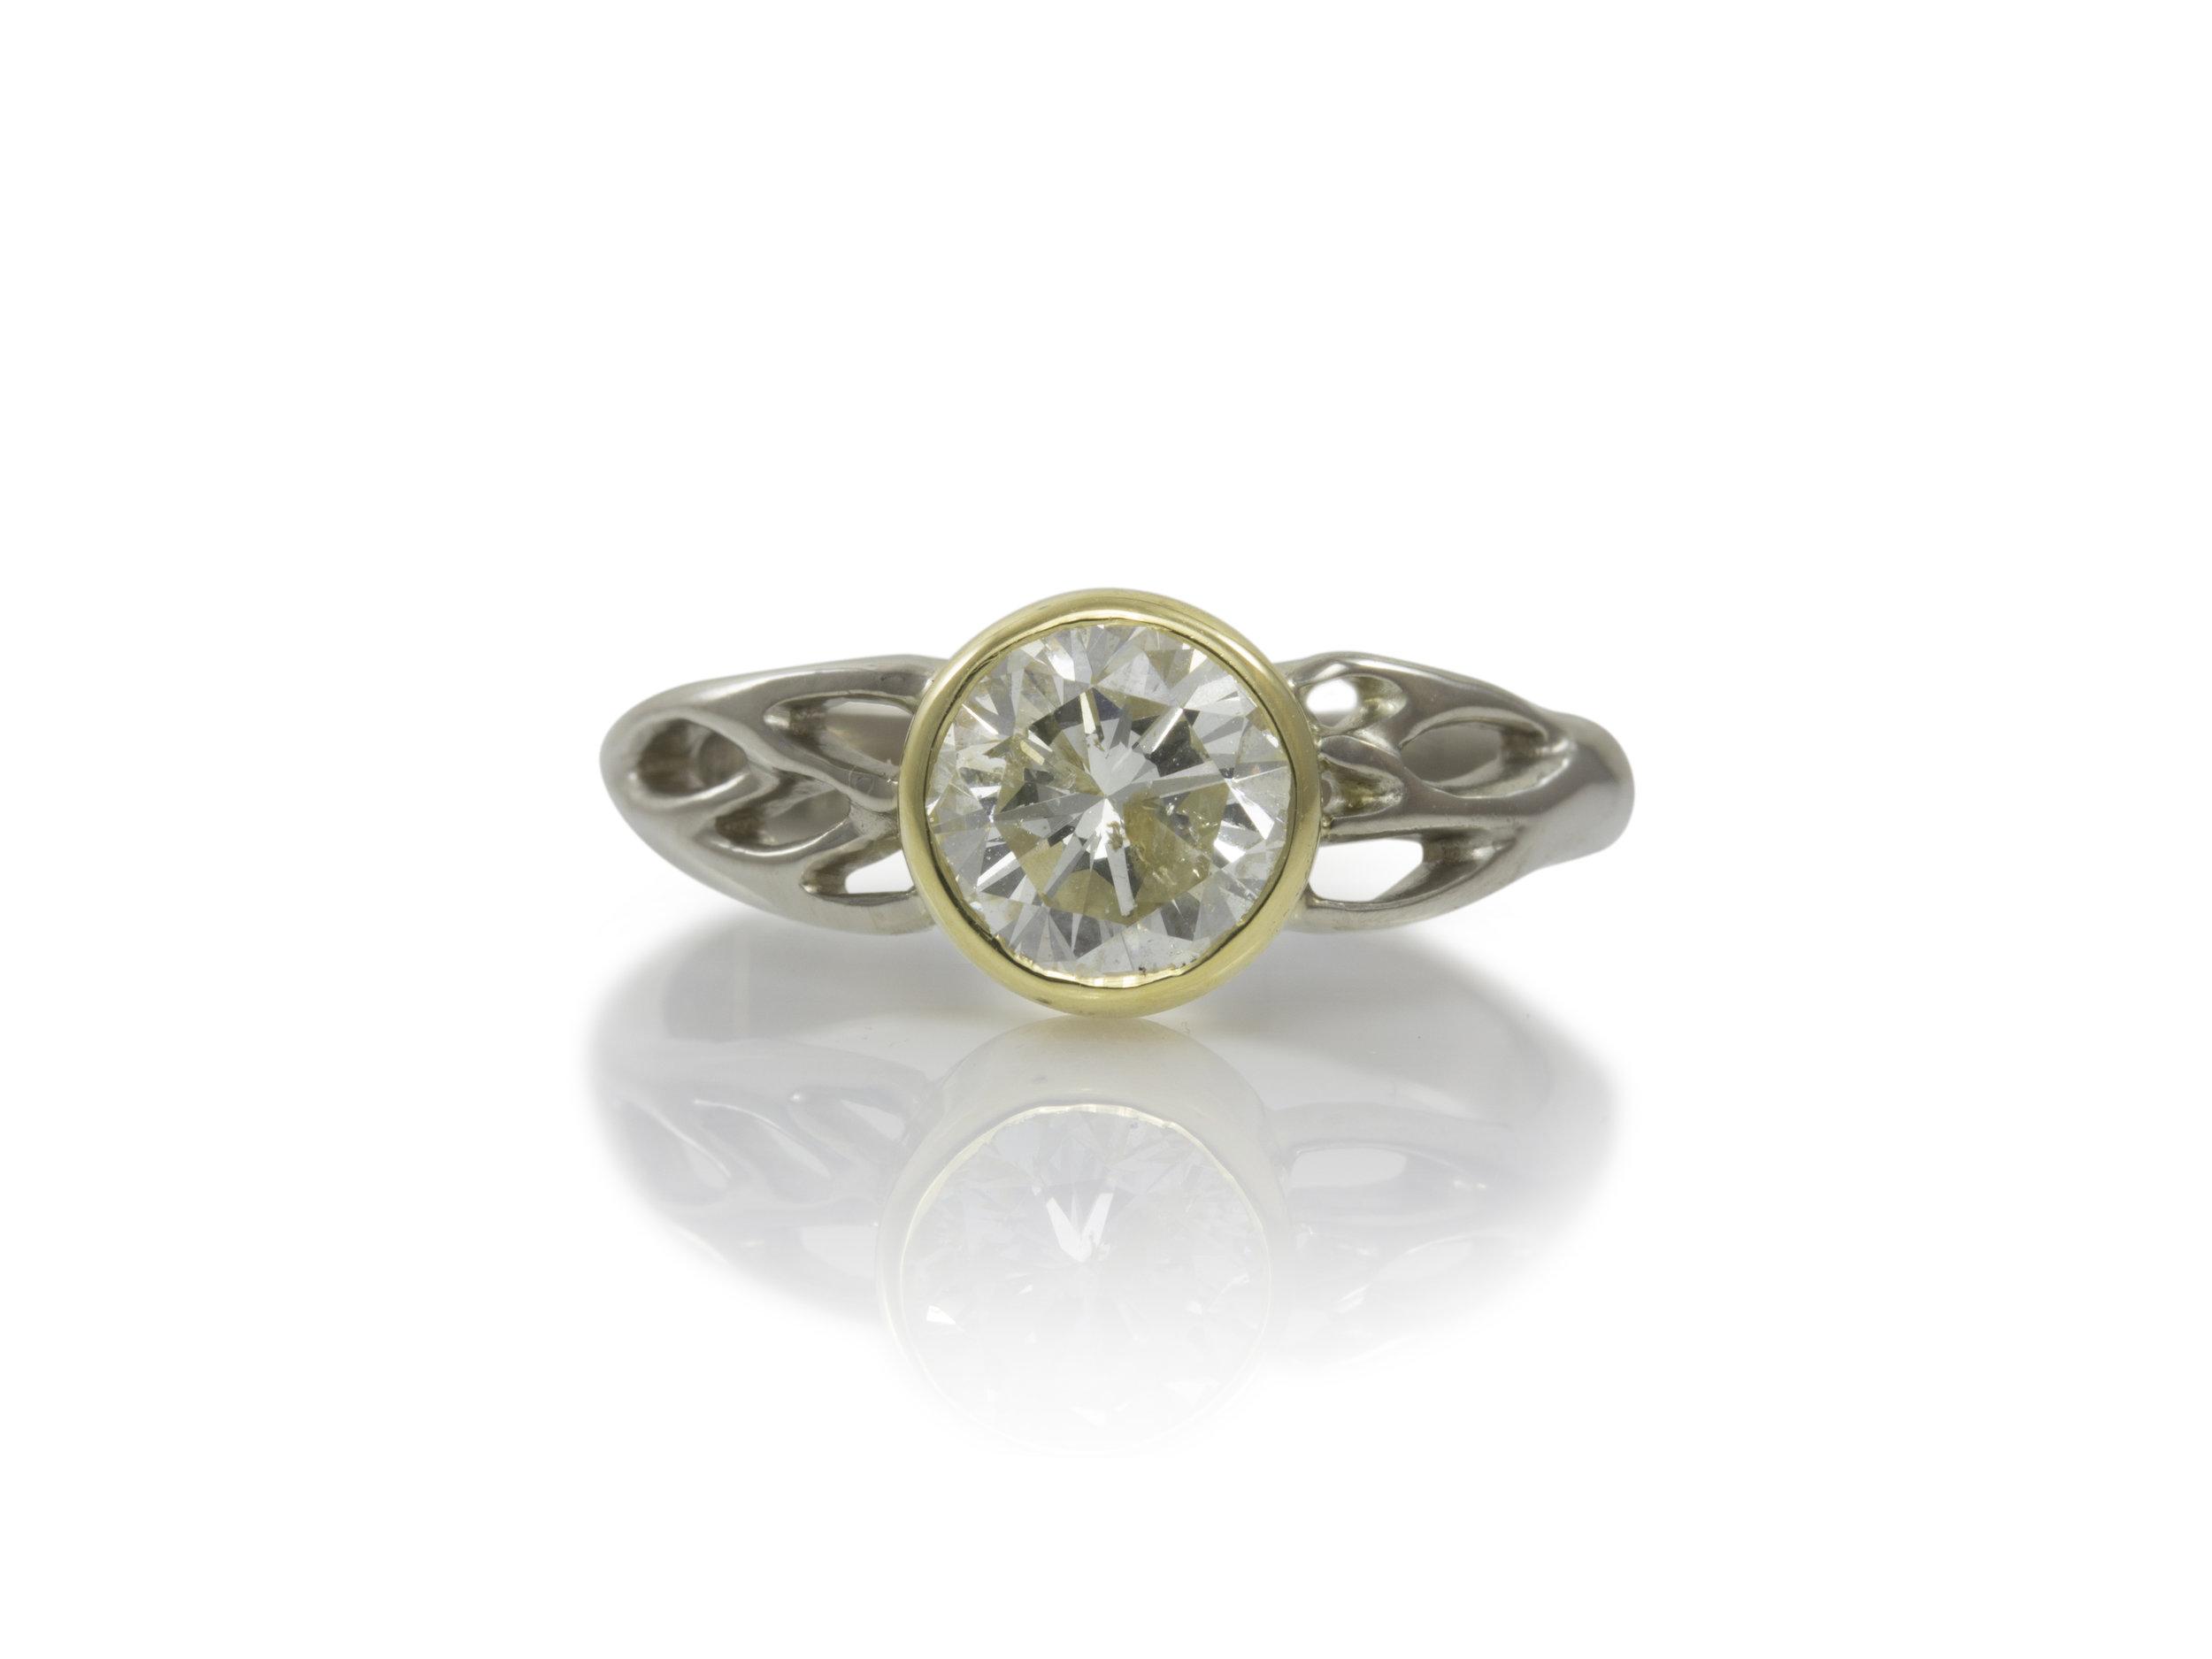 SO joannas ring.jpg